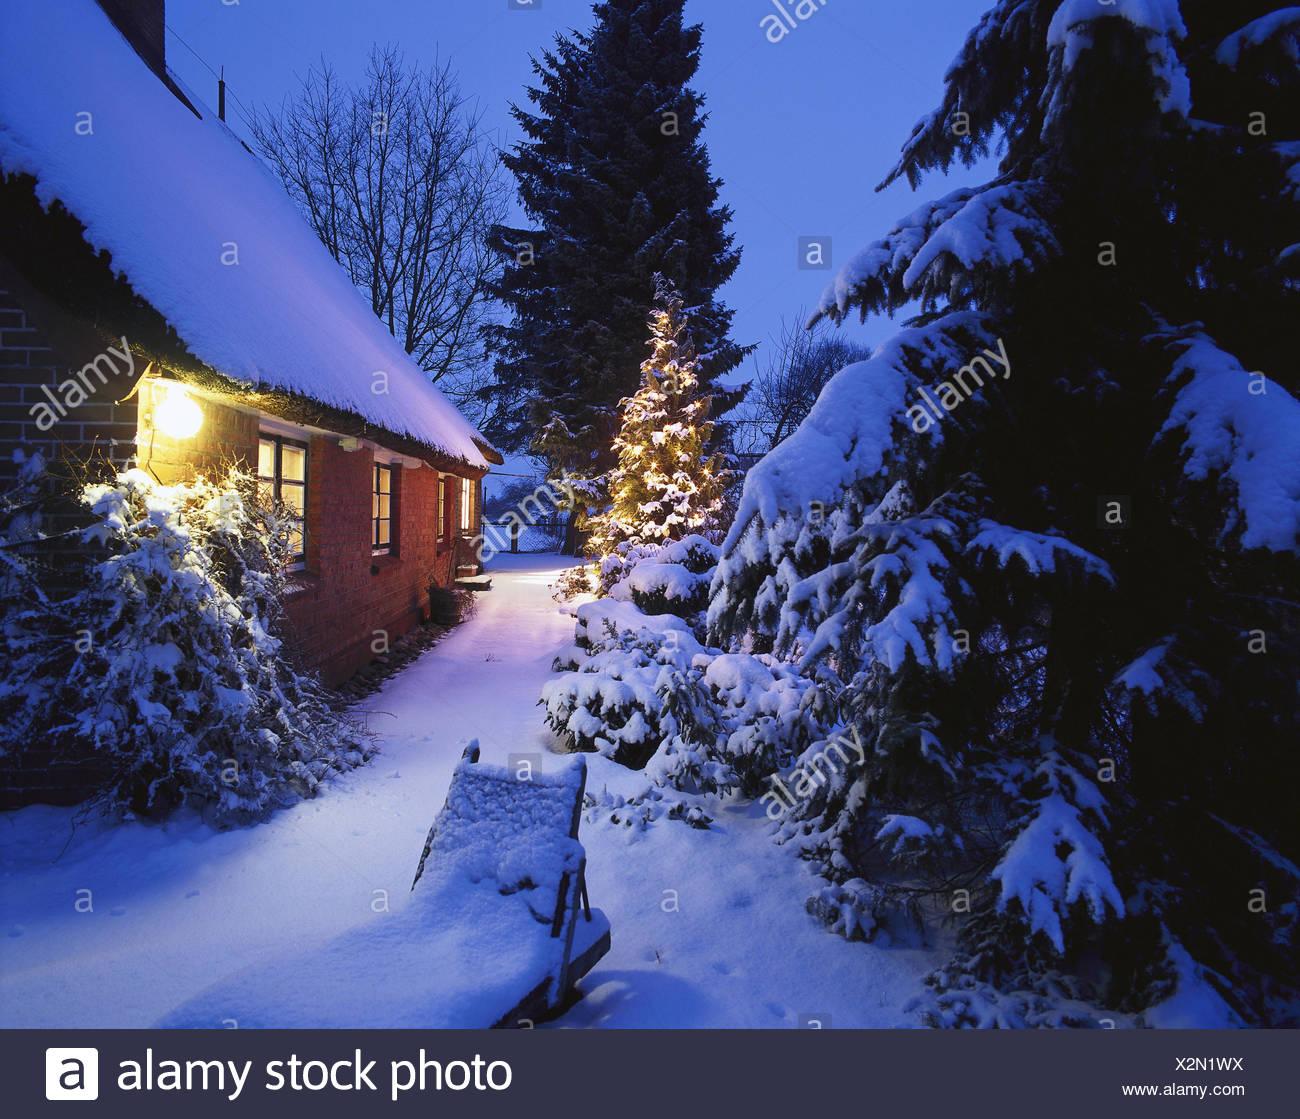 norddeutschland bauernhaus garten weihnachtsbaum abend winter europa deutschland wohnhaus. Black Bedroom Furniture Sets. Home Design Ideas